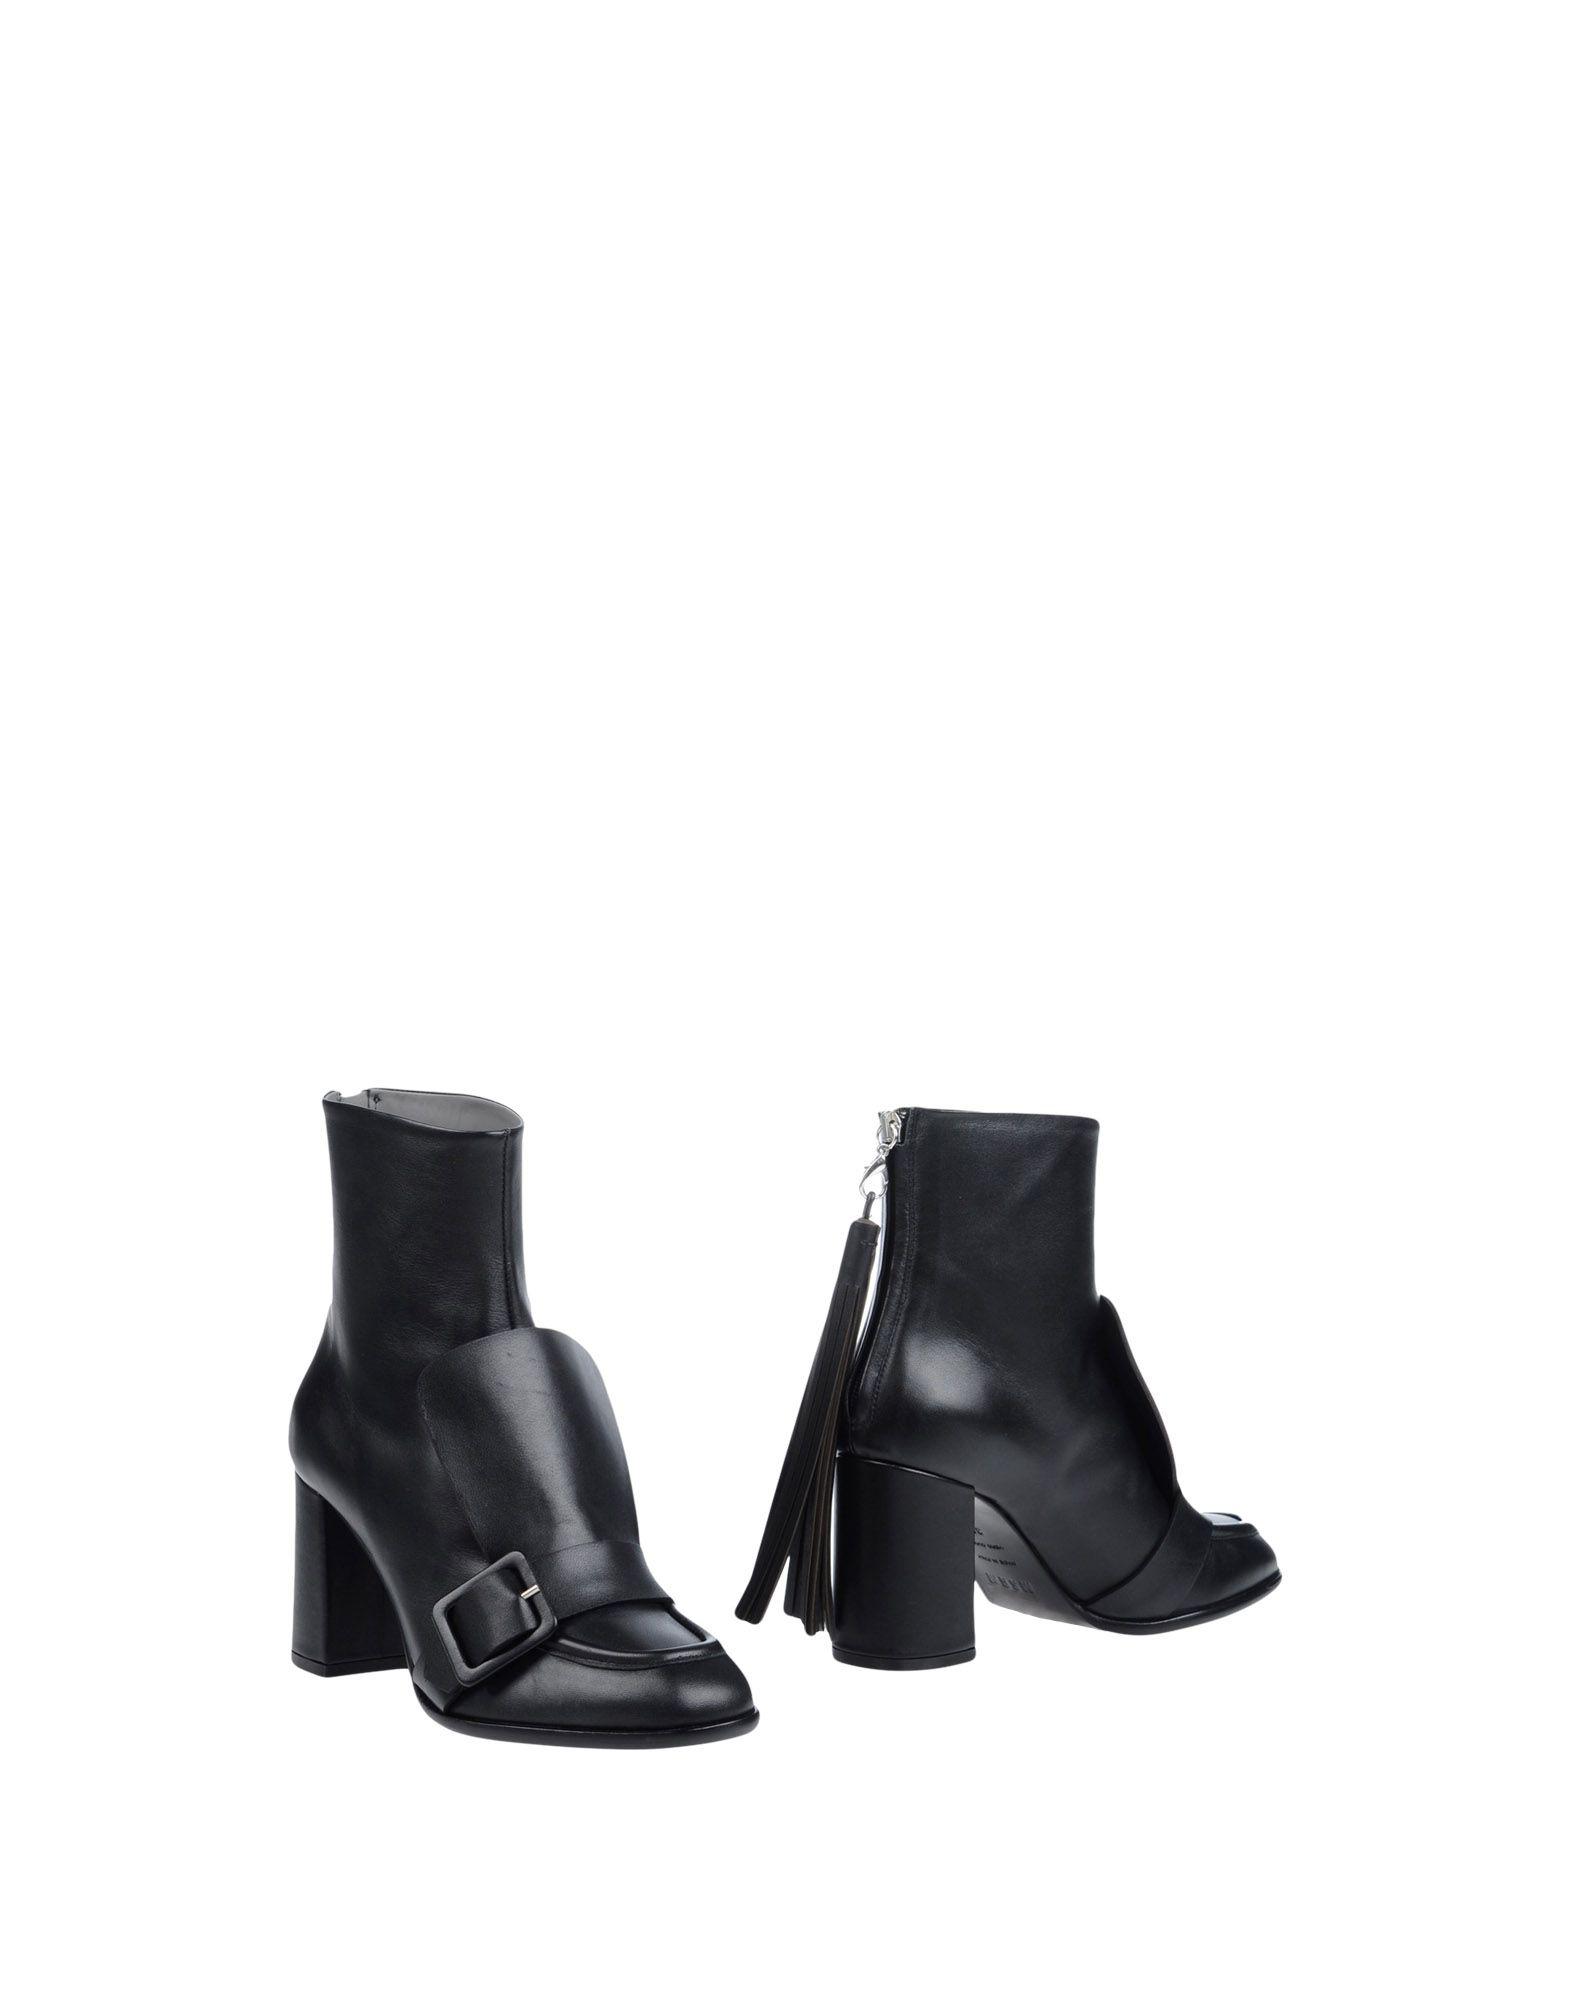 Msgm Stiefelette Damen Schuhe  11263856JEGünstige gut aussehende Schuhe Damen 9fa87e